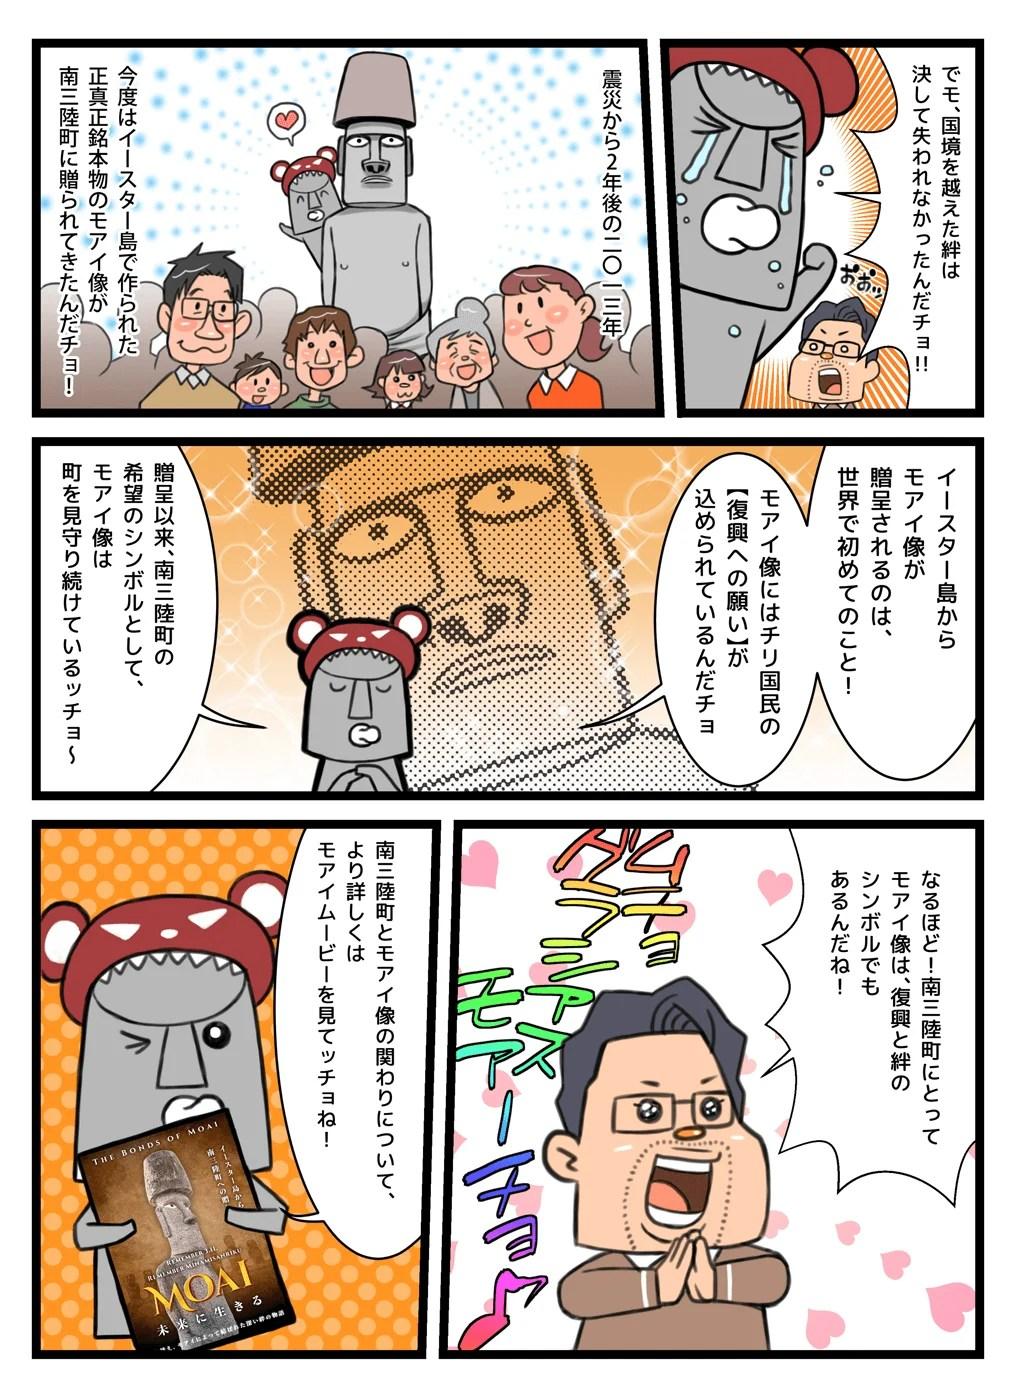 漫画:南三陸町とモアイ像の関わり ページ2